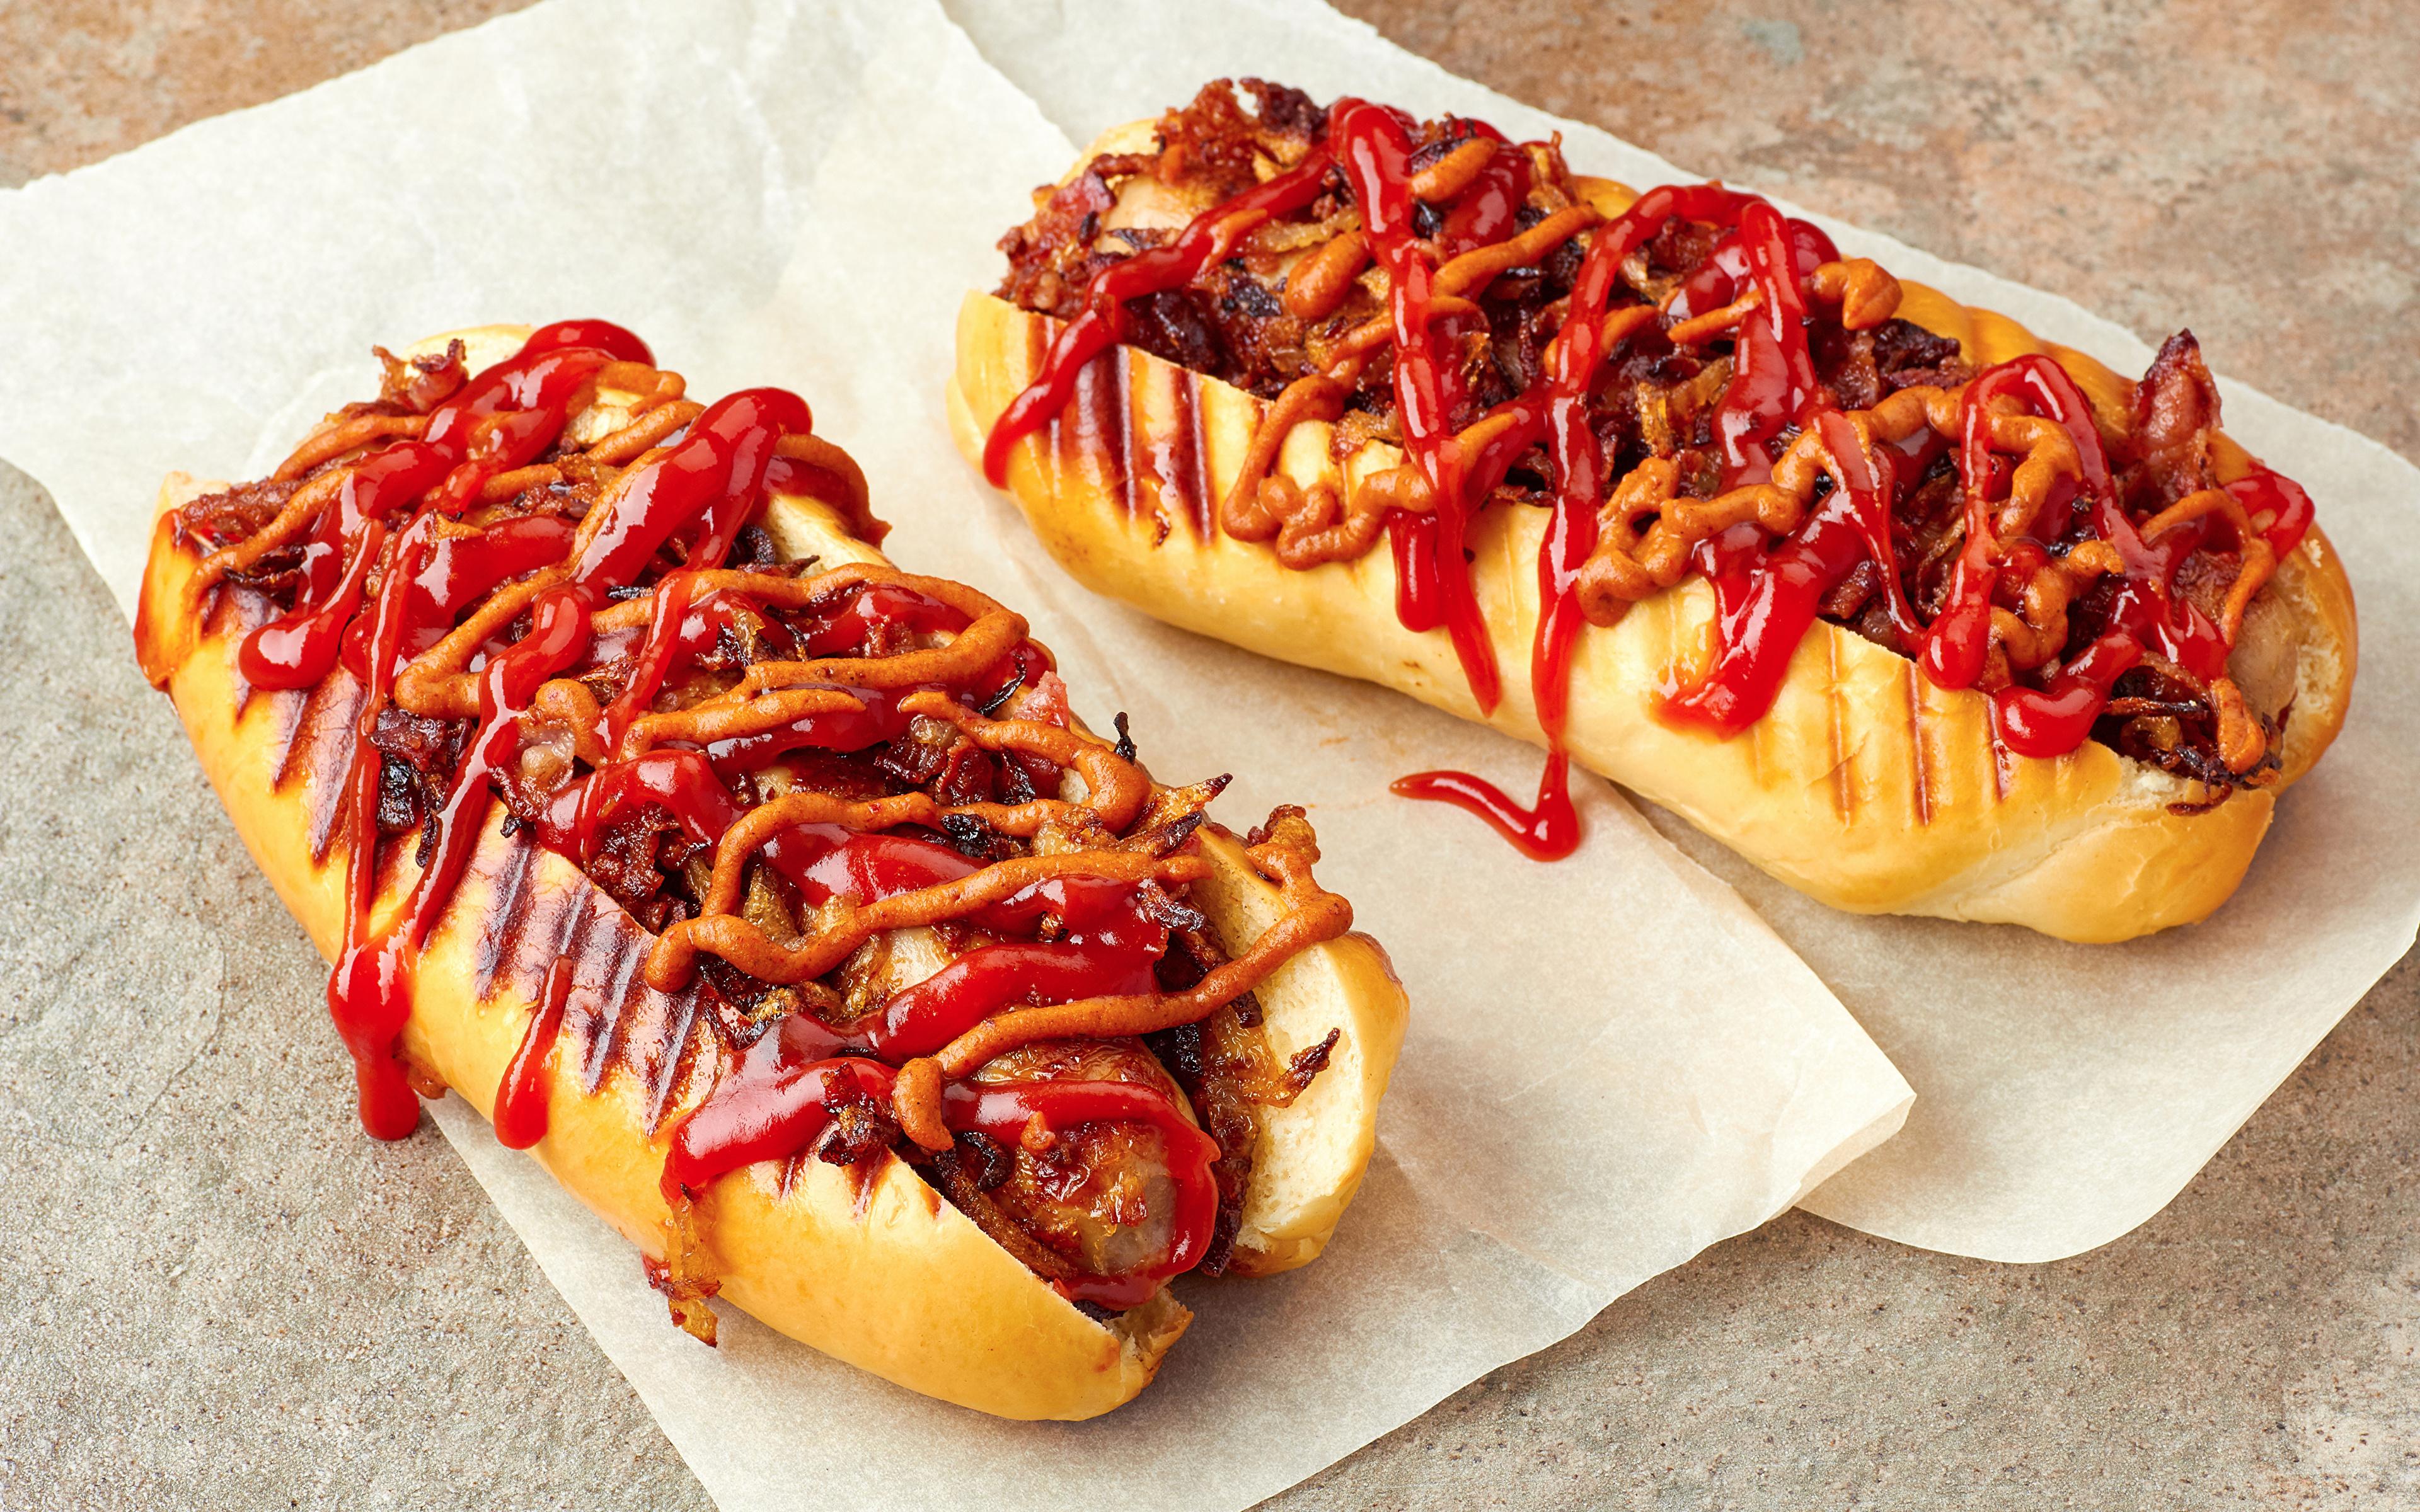 Фото Двое Хот-дог Булочки кетчупом Быстрое питание Еда 3840x2400 2 два две вдвоем Кетчуп кетчупа Фастфуд Пища Продукты питания